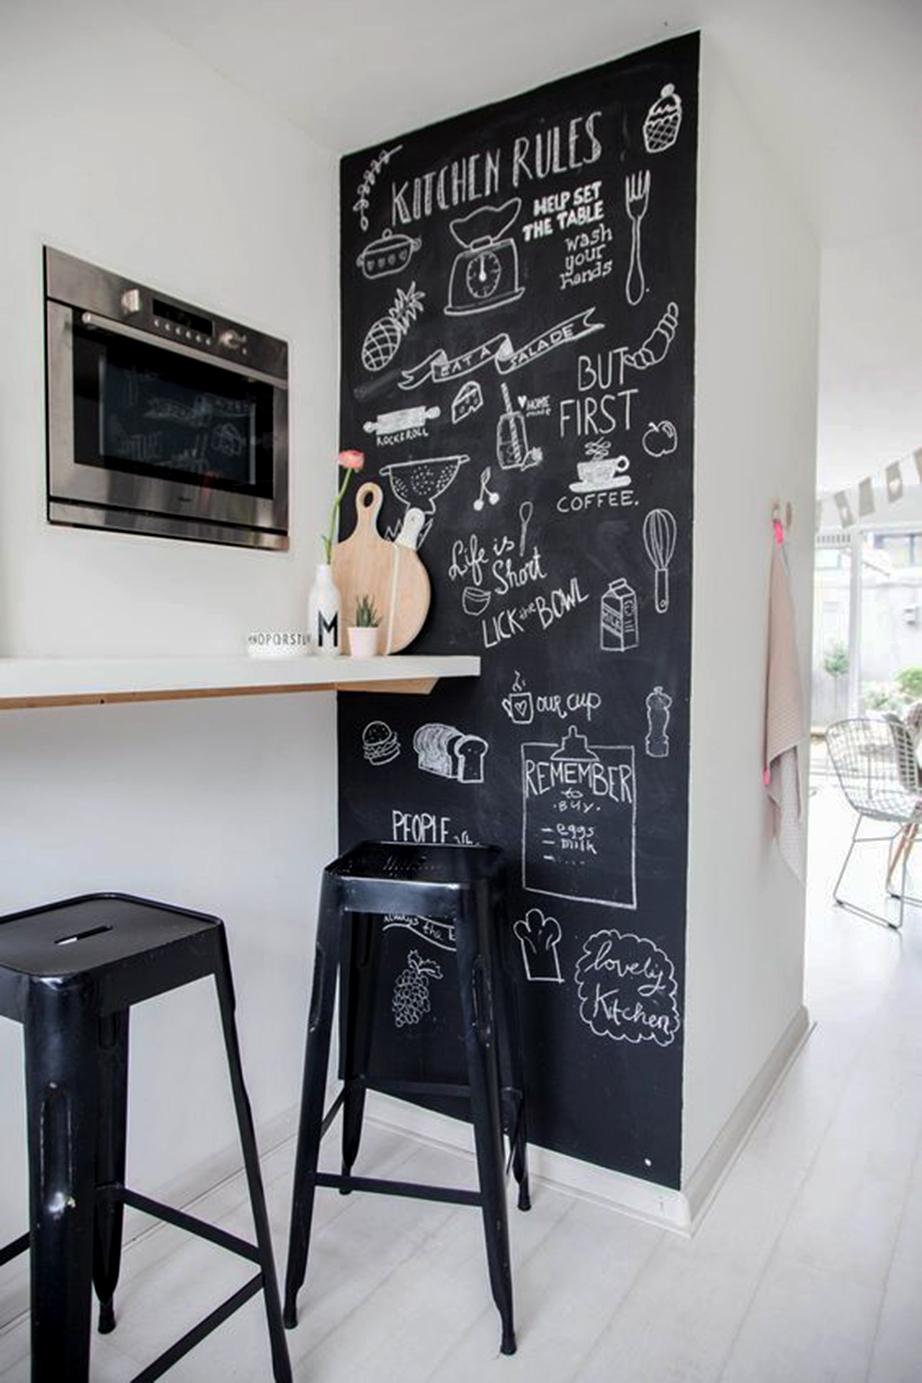 Περάστε με ειδικό χρώμα μαυροπίνακα έναν τοίχο της κουζίνας σας και δώστε του καθημερινά άλλη μορφή με σχέδια και χρώματα από κιμωλίες.